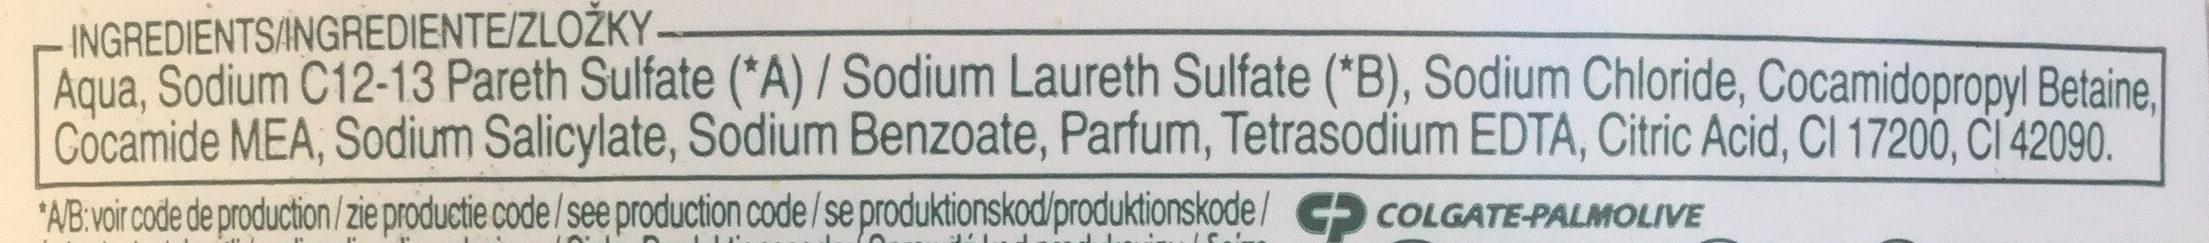 Aquarium - Ingredients